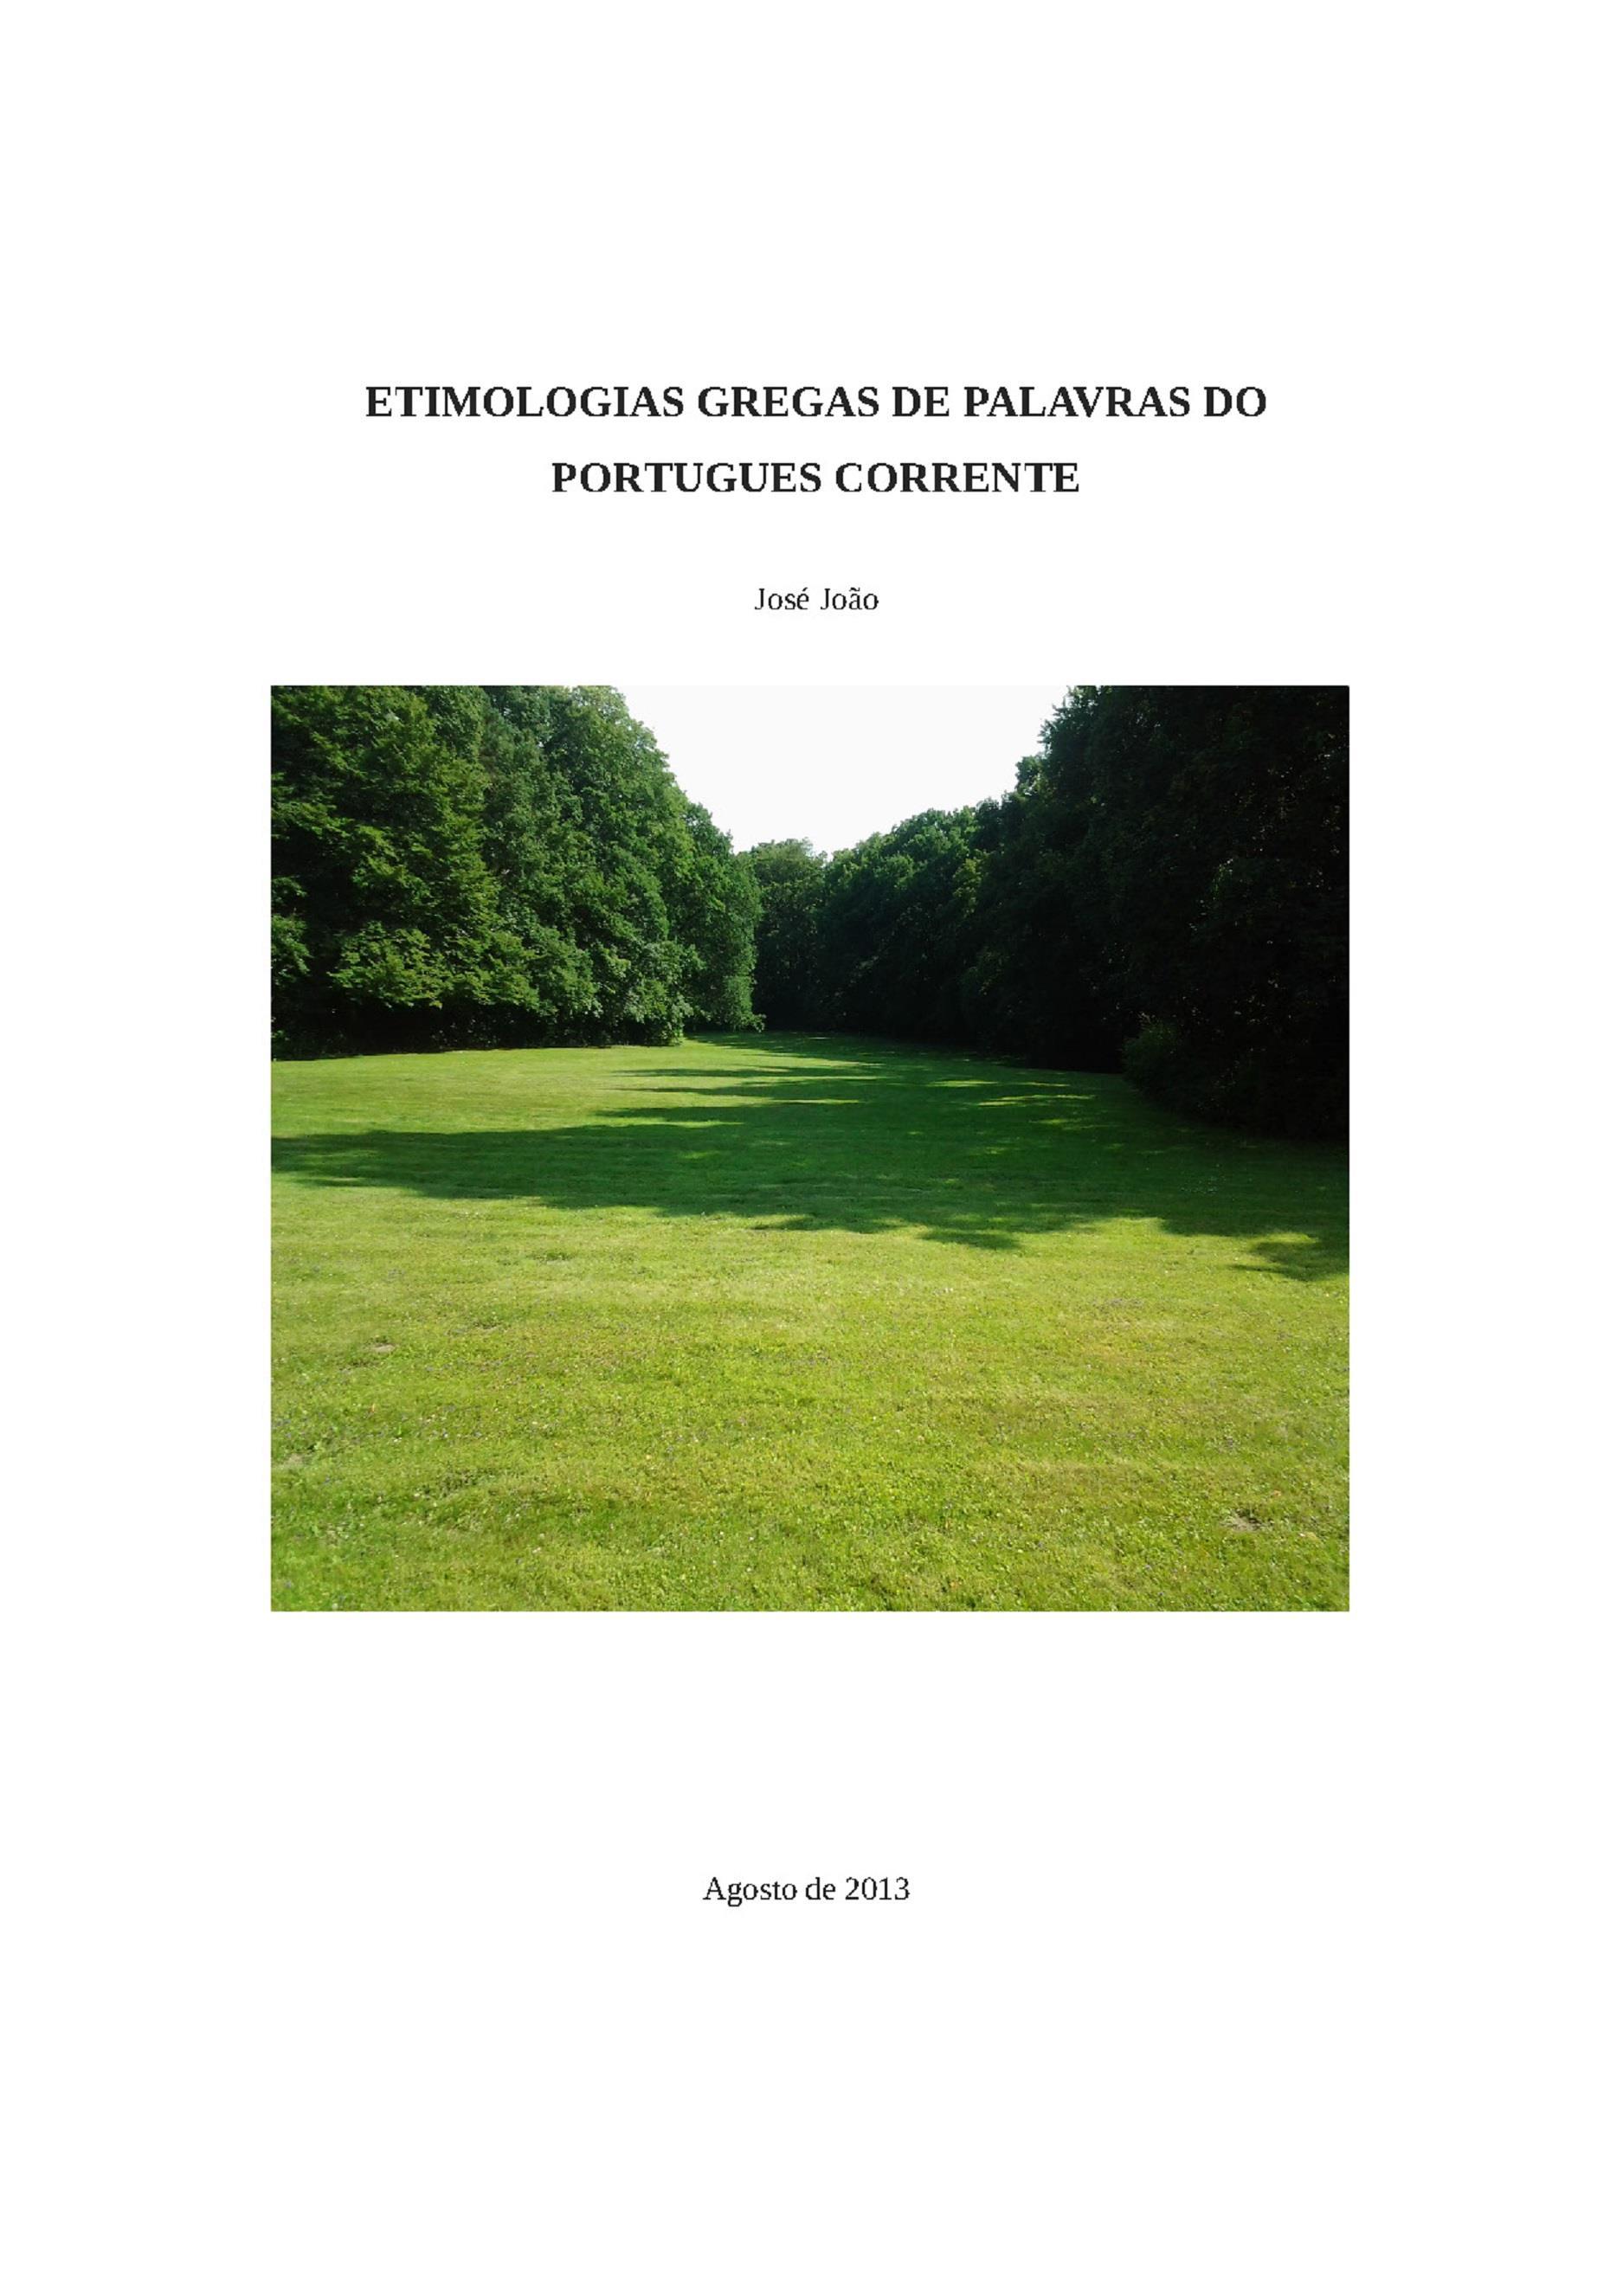 Etimologias gregas de palavras do portugues corrente